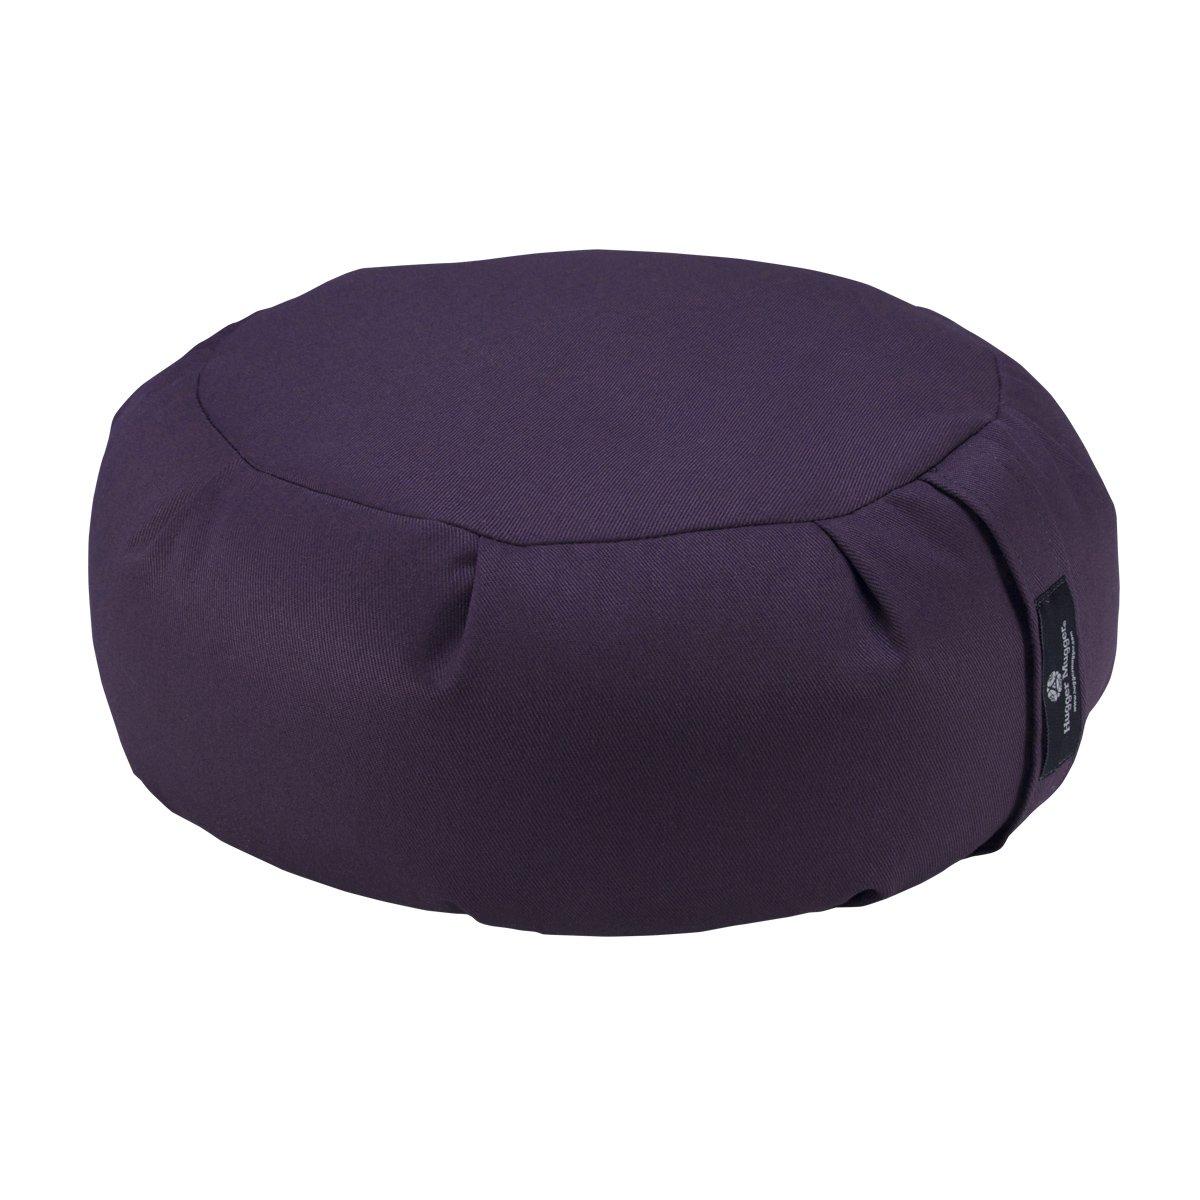 Hugger Mugger Zafu Meditation Cushion